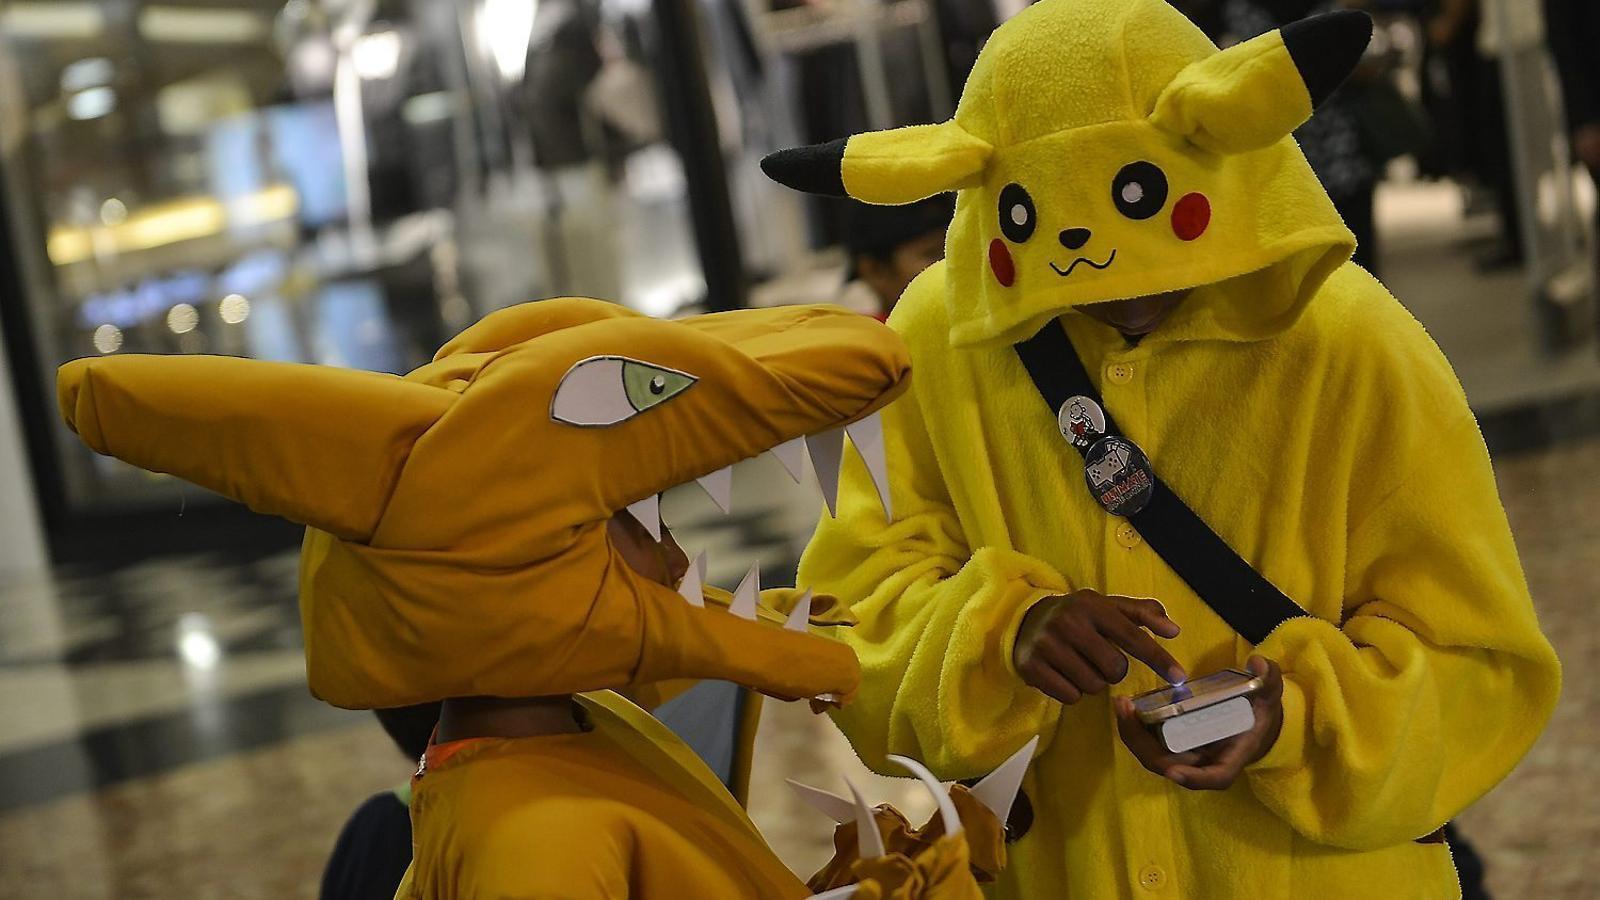 Dos nois disfressats de charizard i pikachu en un concurs de disfresses de Pokémon a Sunway, a Malàisia.